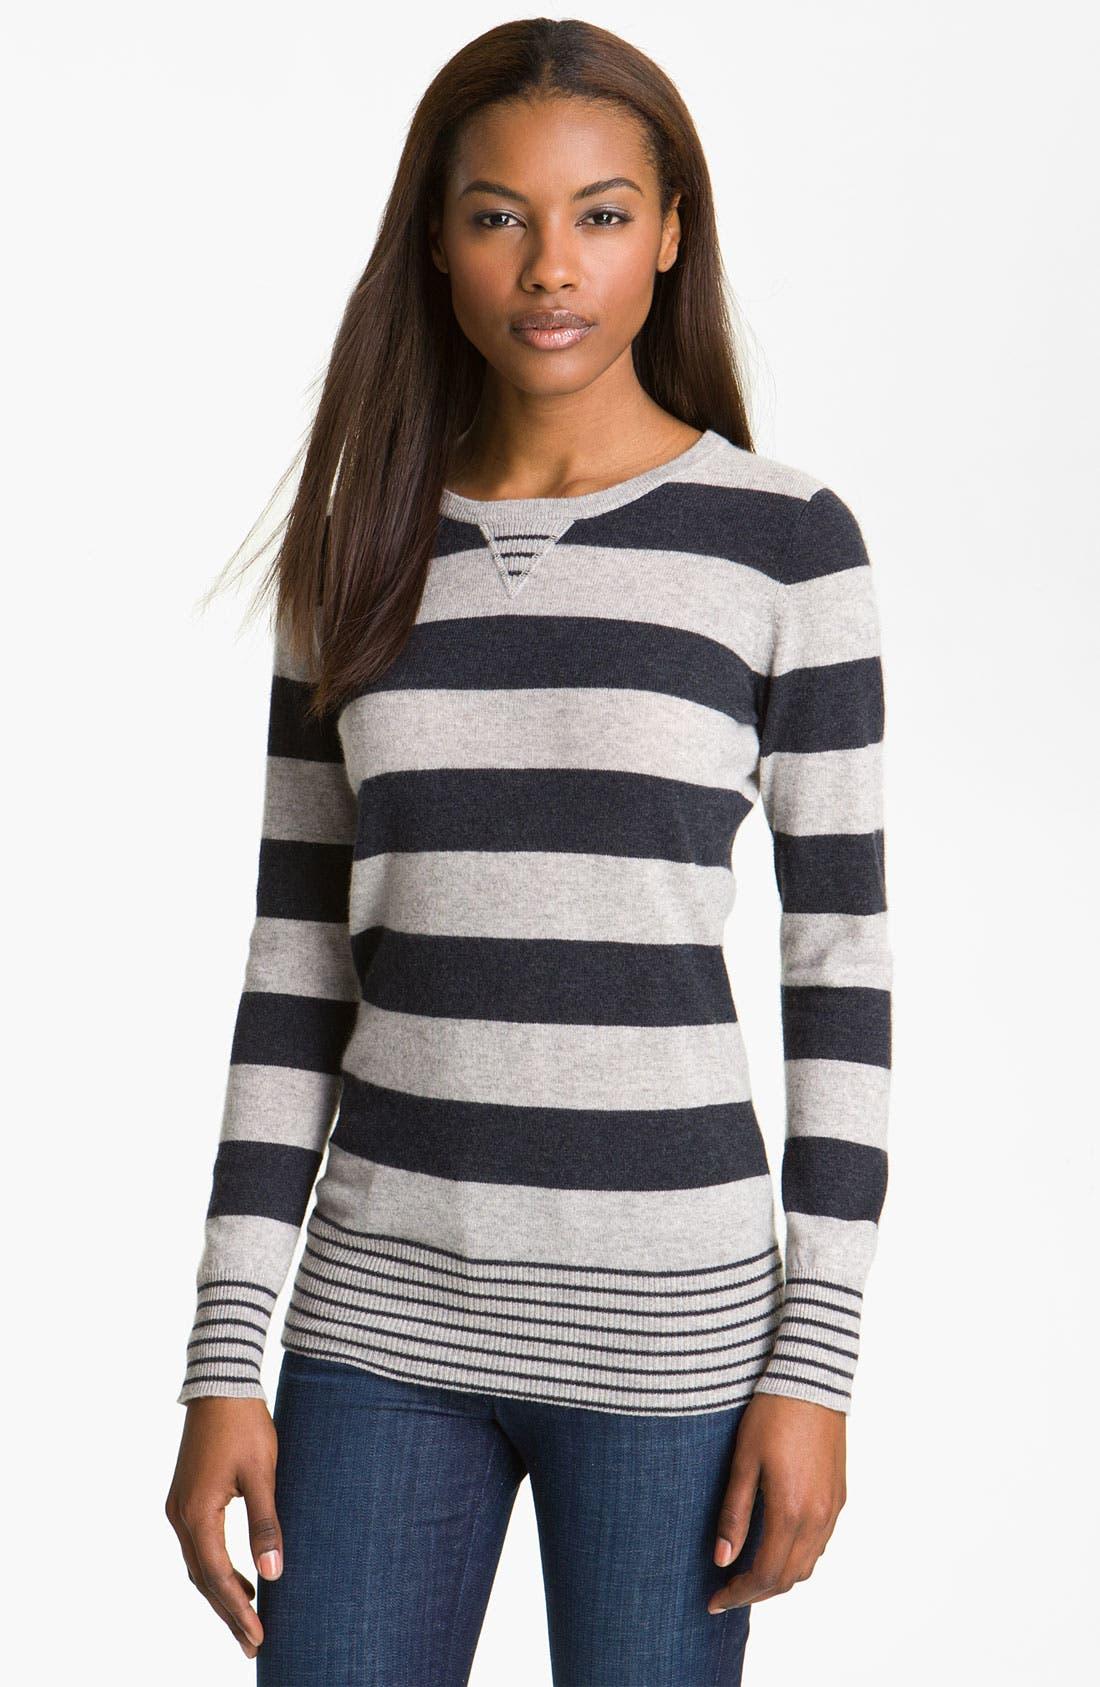 AUTUMN CASHMERE Stripe Cashmere Sweatshirt, Main, color, 051